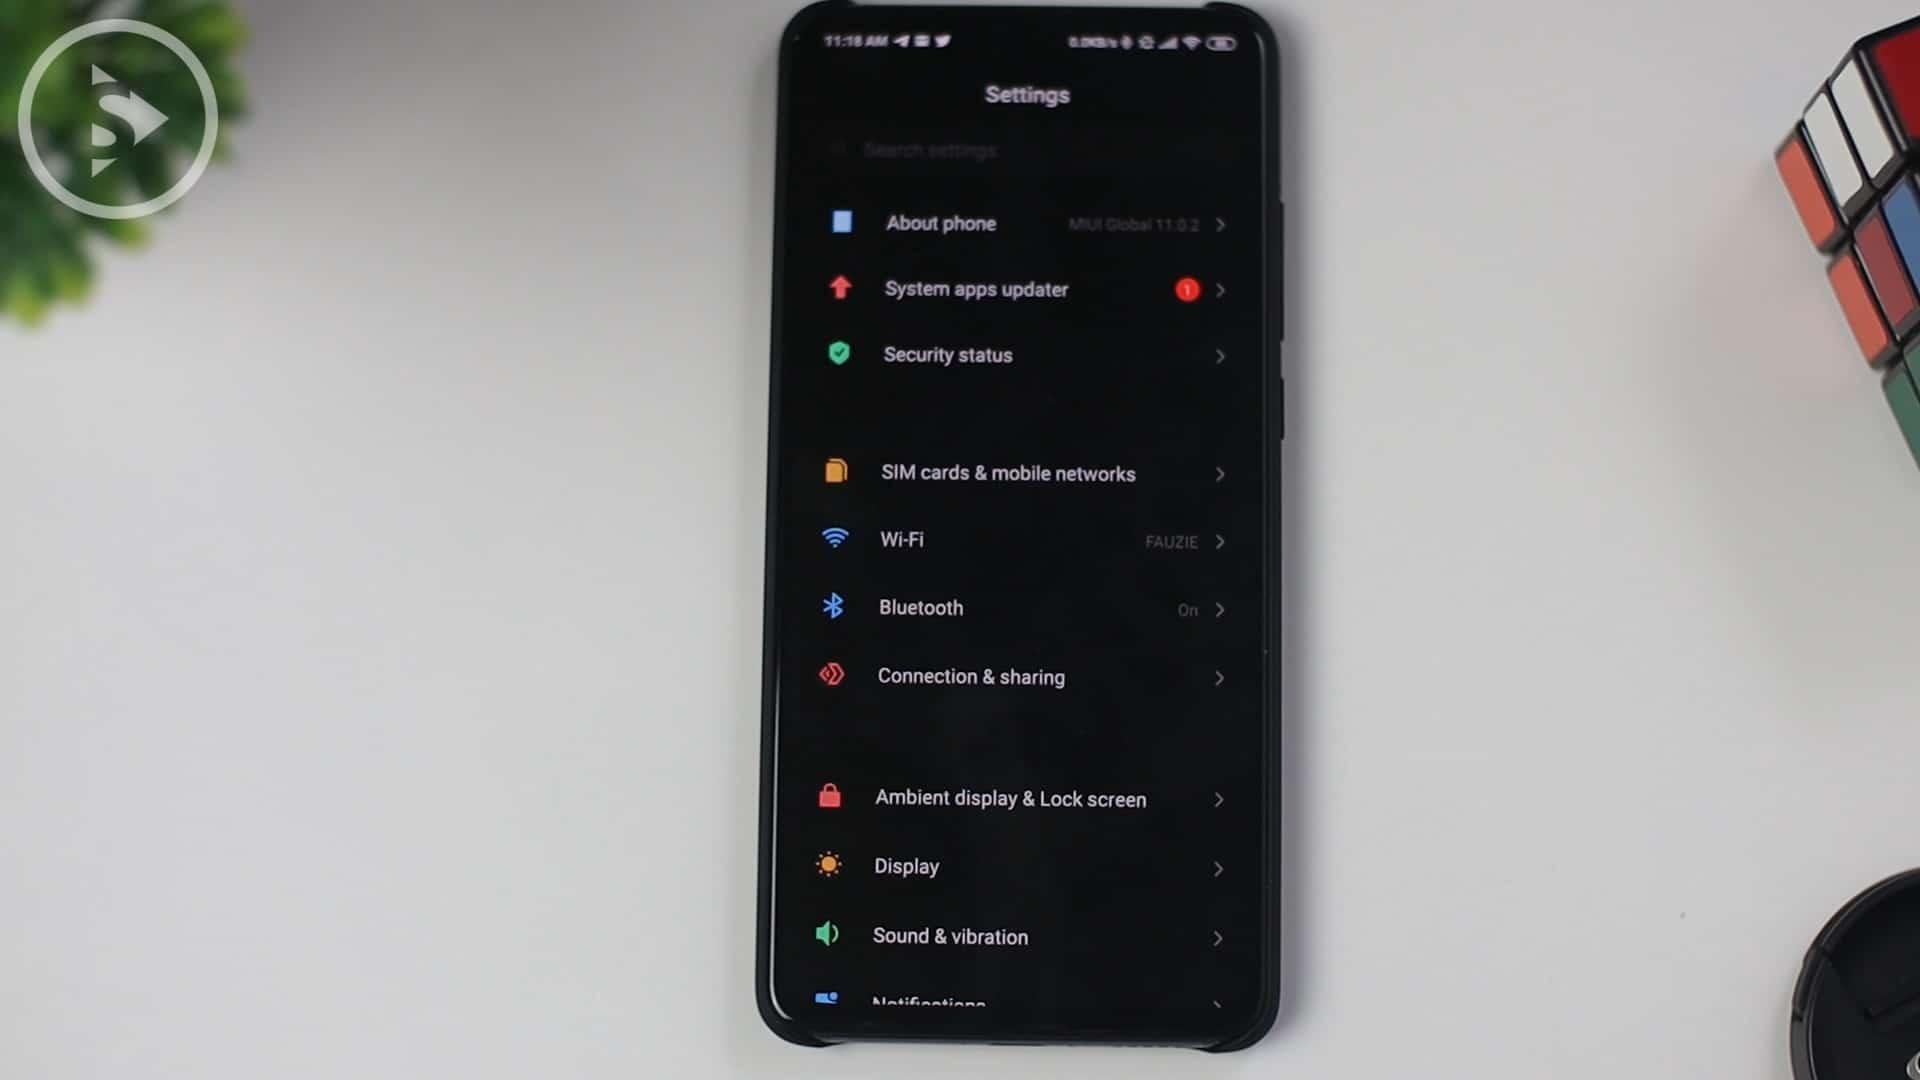 Penambahan Fitur Dark Mode MIUI 11 - Update Fitur Baru di MIUI 11 - Xiaomi Redmi Note 8 MIUI 10 Vs Xiaomi Mi 9T (Redmi K20) MIUI 11